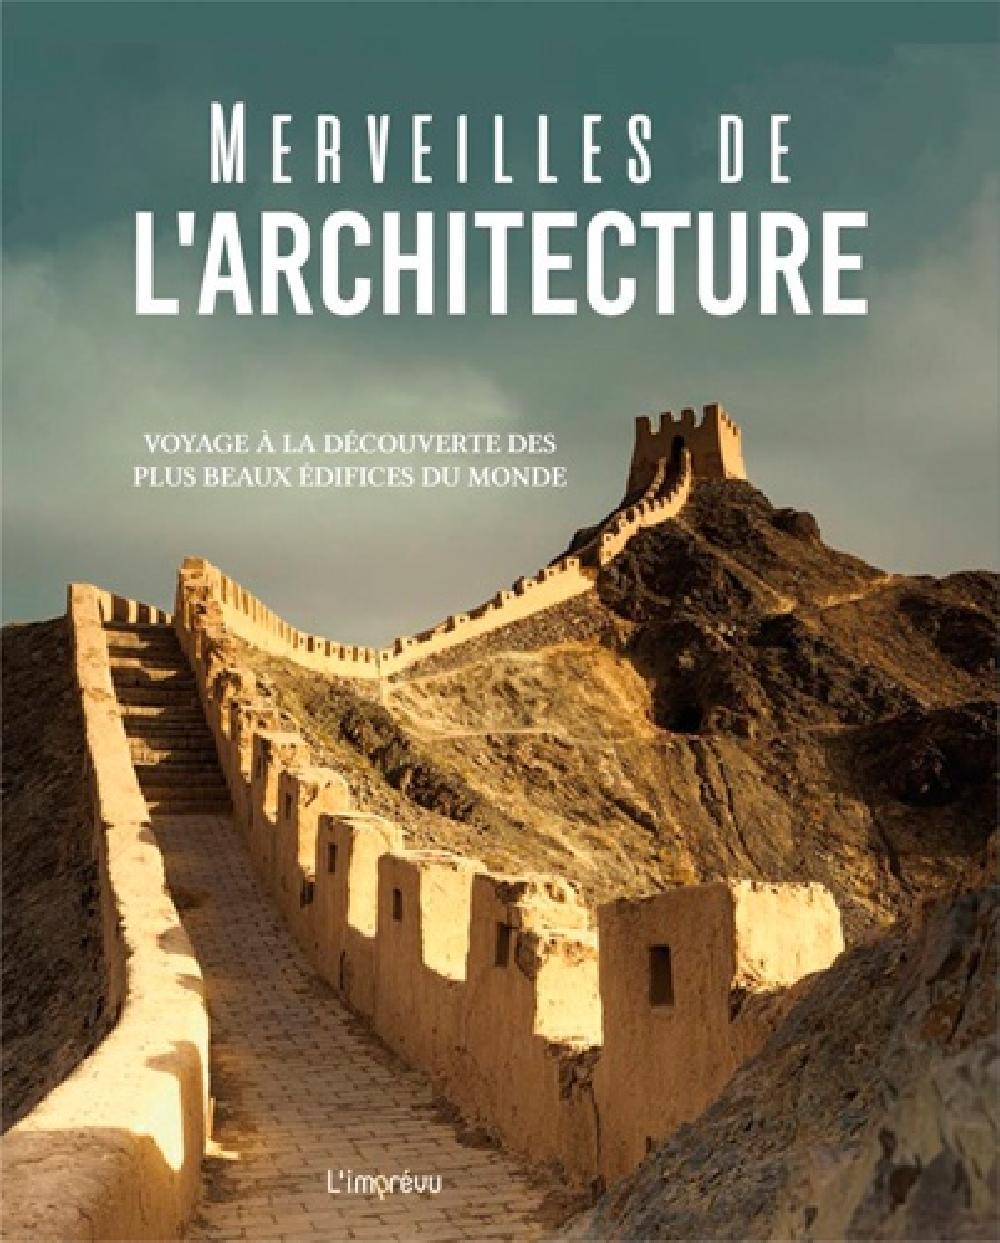 Merveilles de l'architecture - Voyage à la découverte des plus beaux édifices du monde